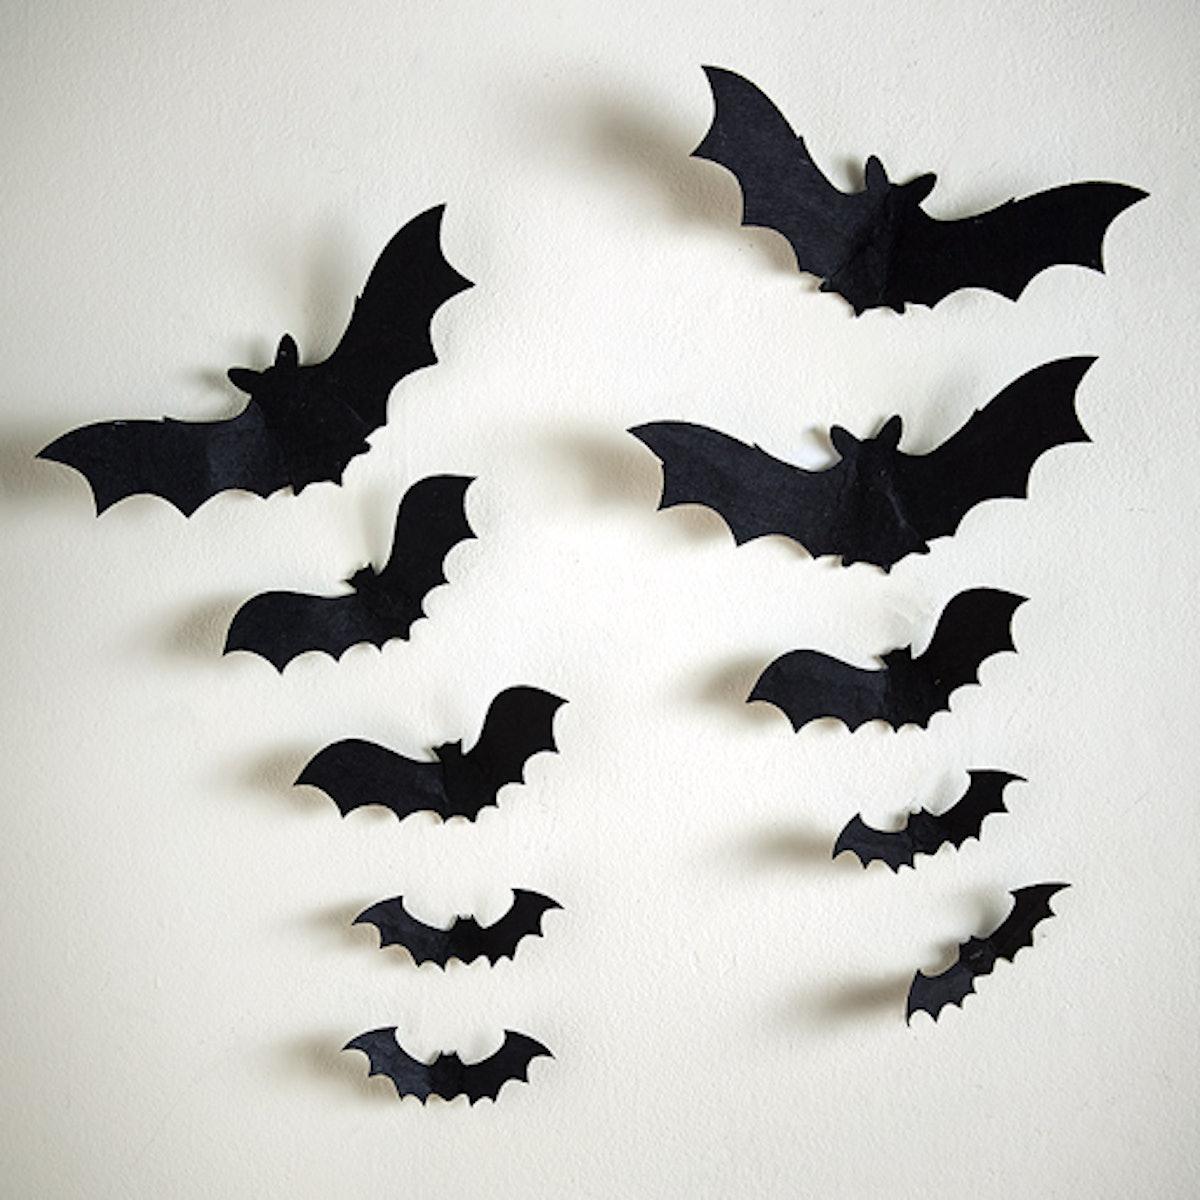 Set of 10 Bats